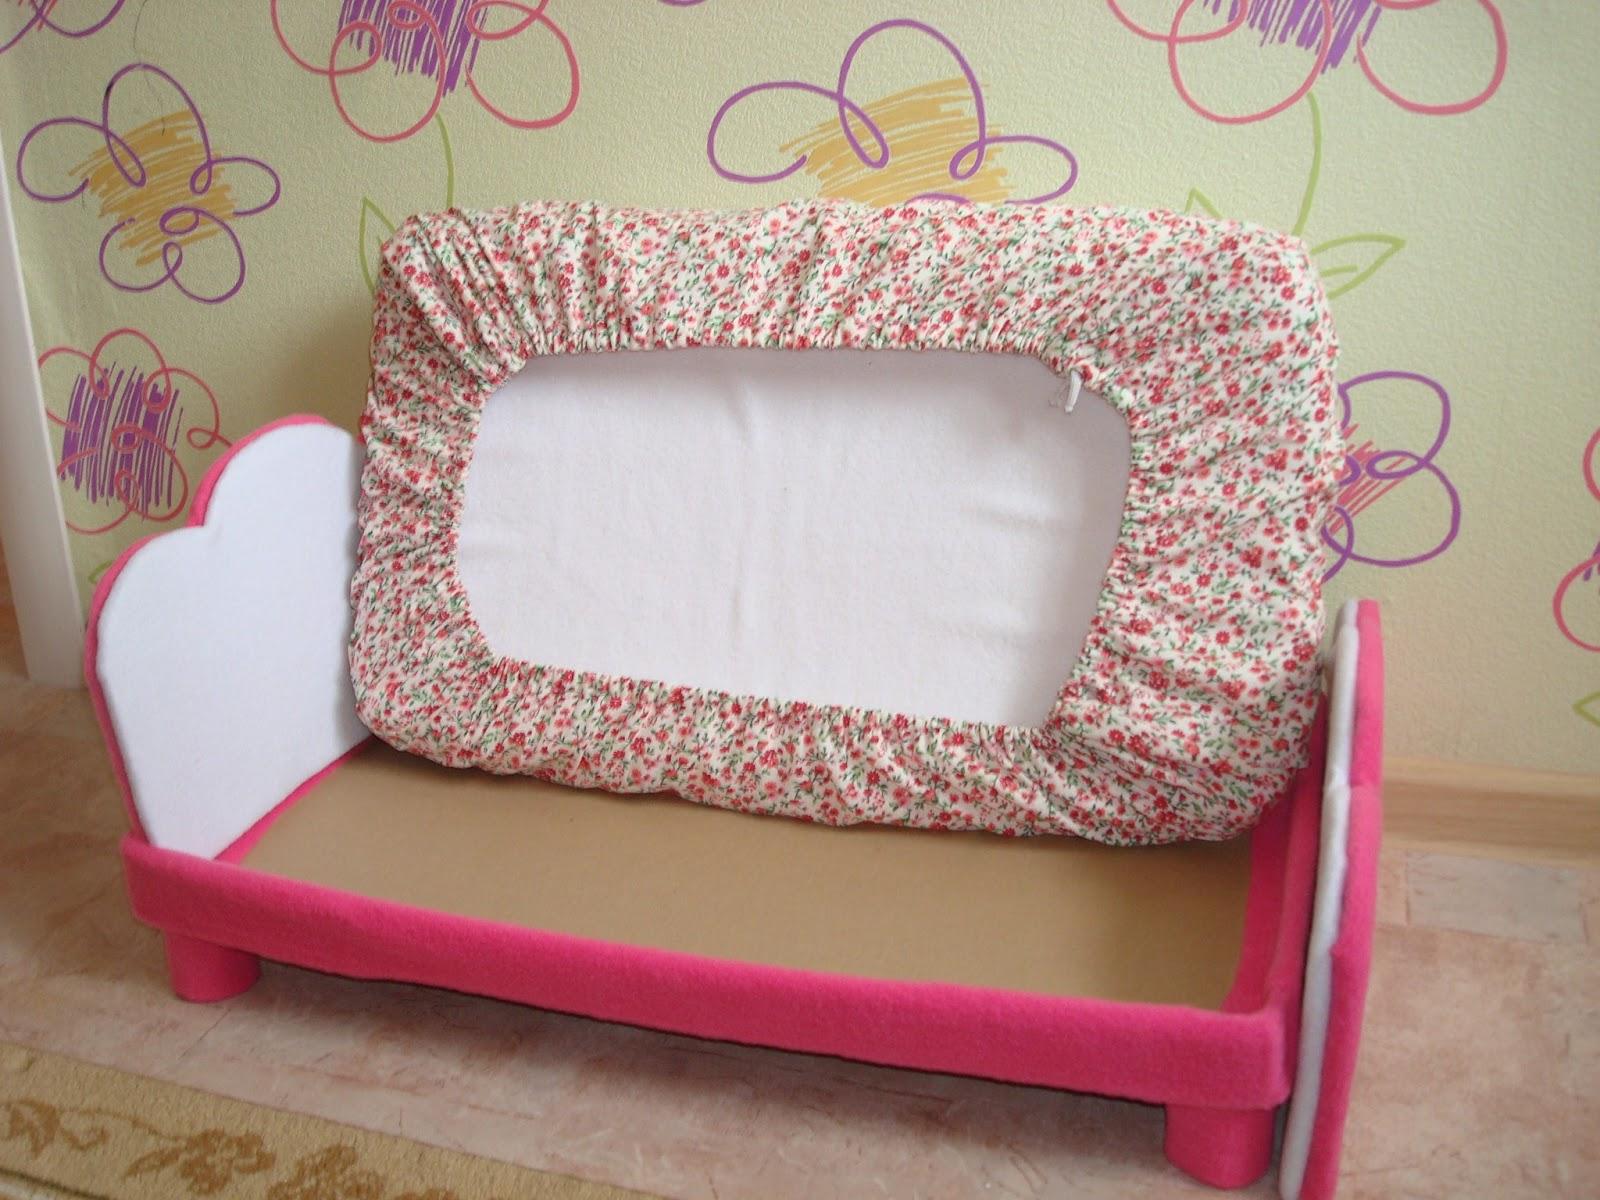 Кровати для куклы своими руками 29